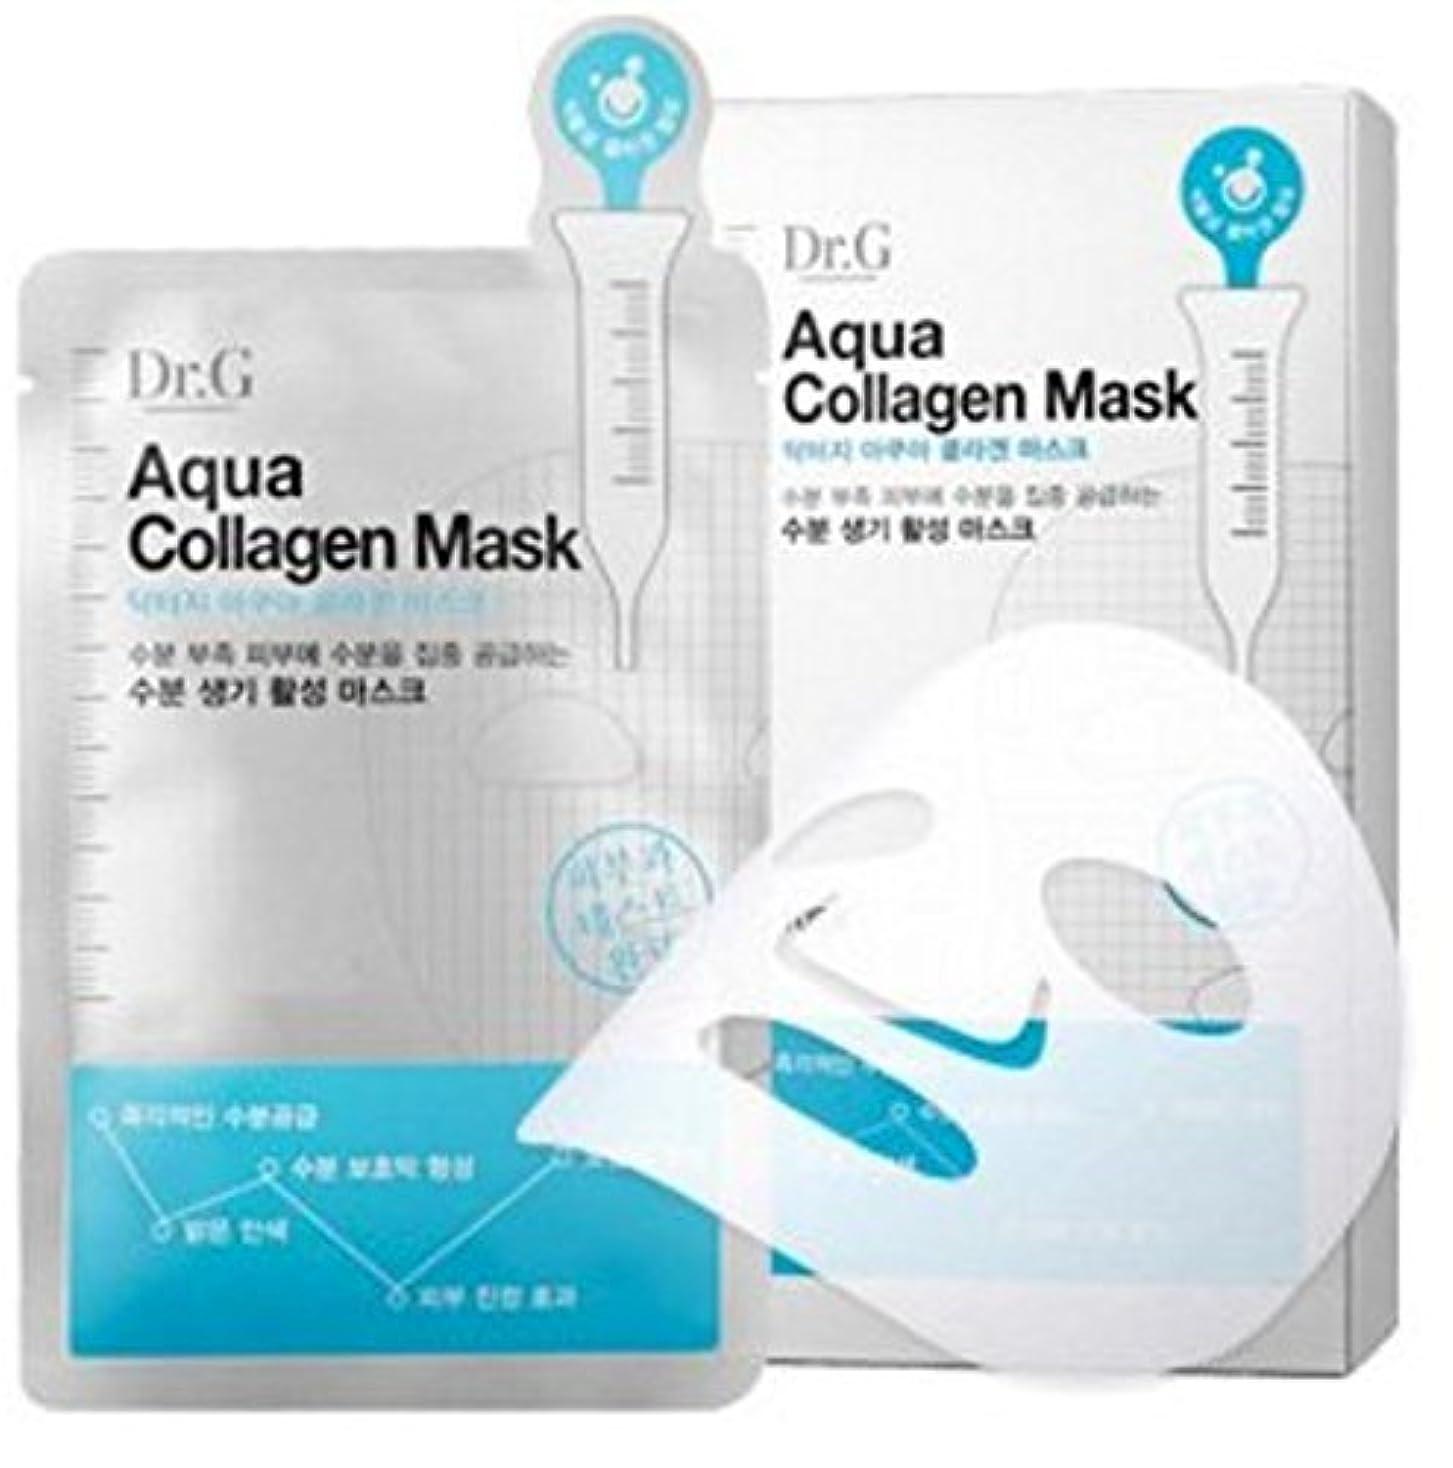 活性化する摂氏度安心Dr. G [ドクター ジー] アクア コラーゲン マスク 10枚 [並行輸入品]